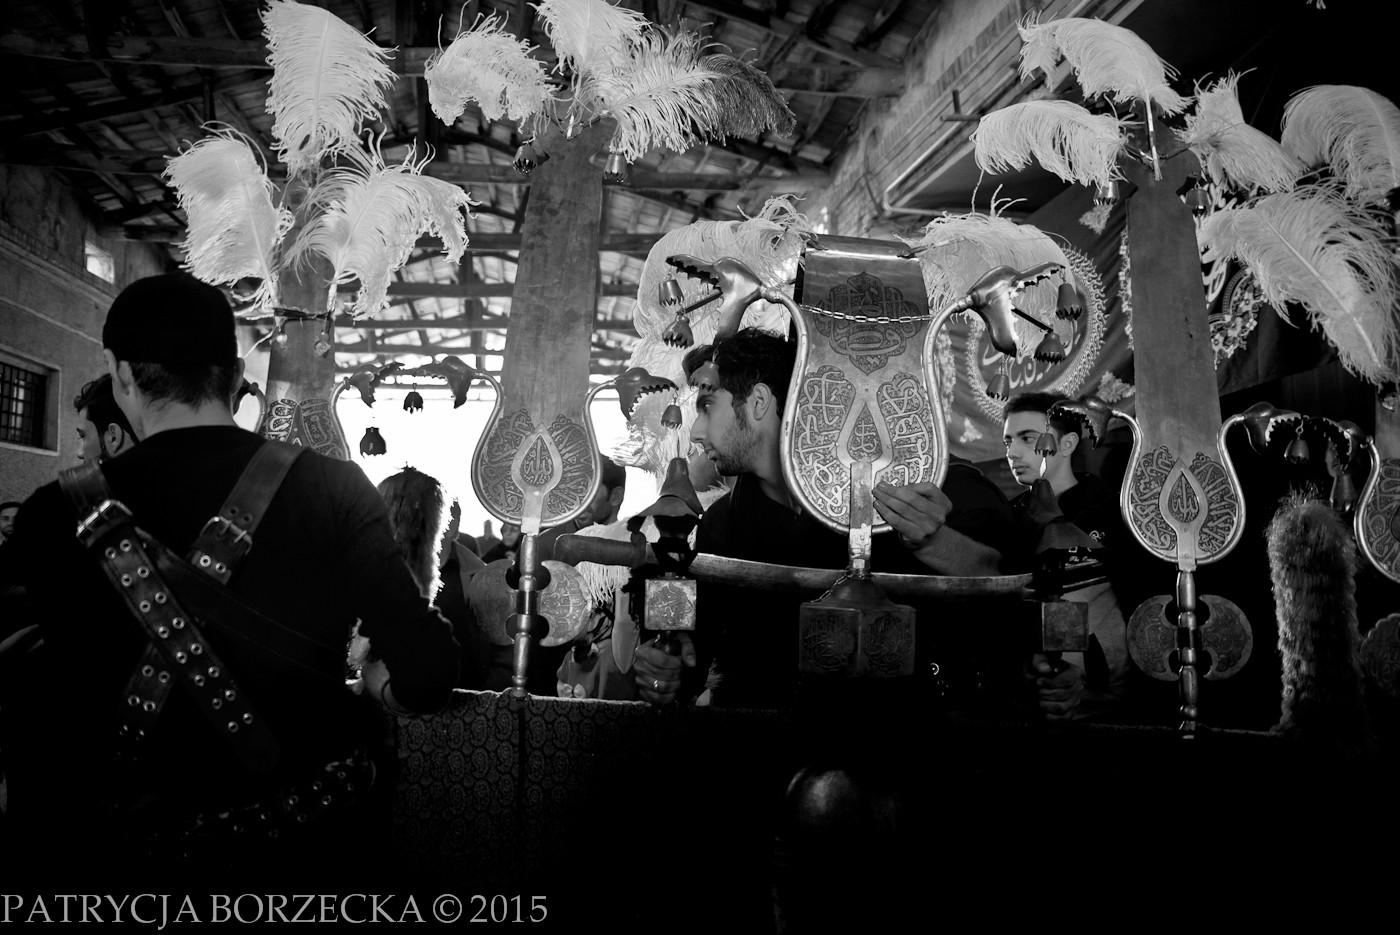 PatrycjaBorzecka-photo-Muharram11